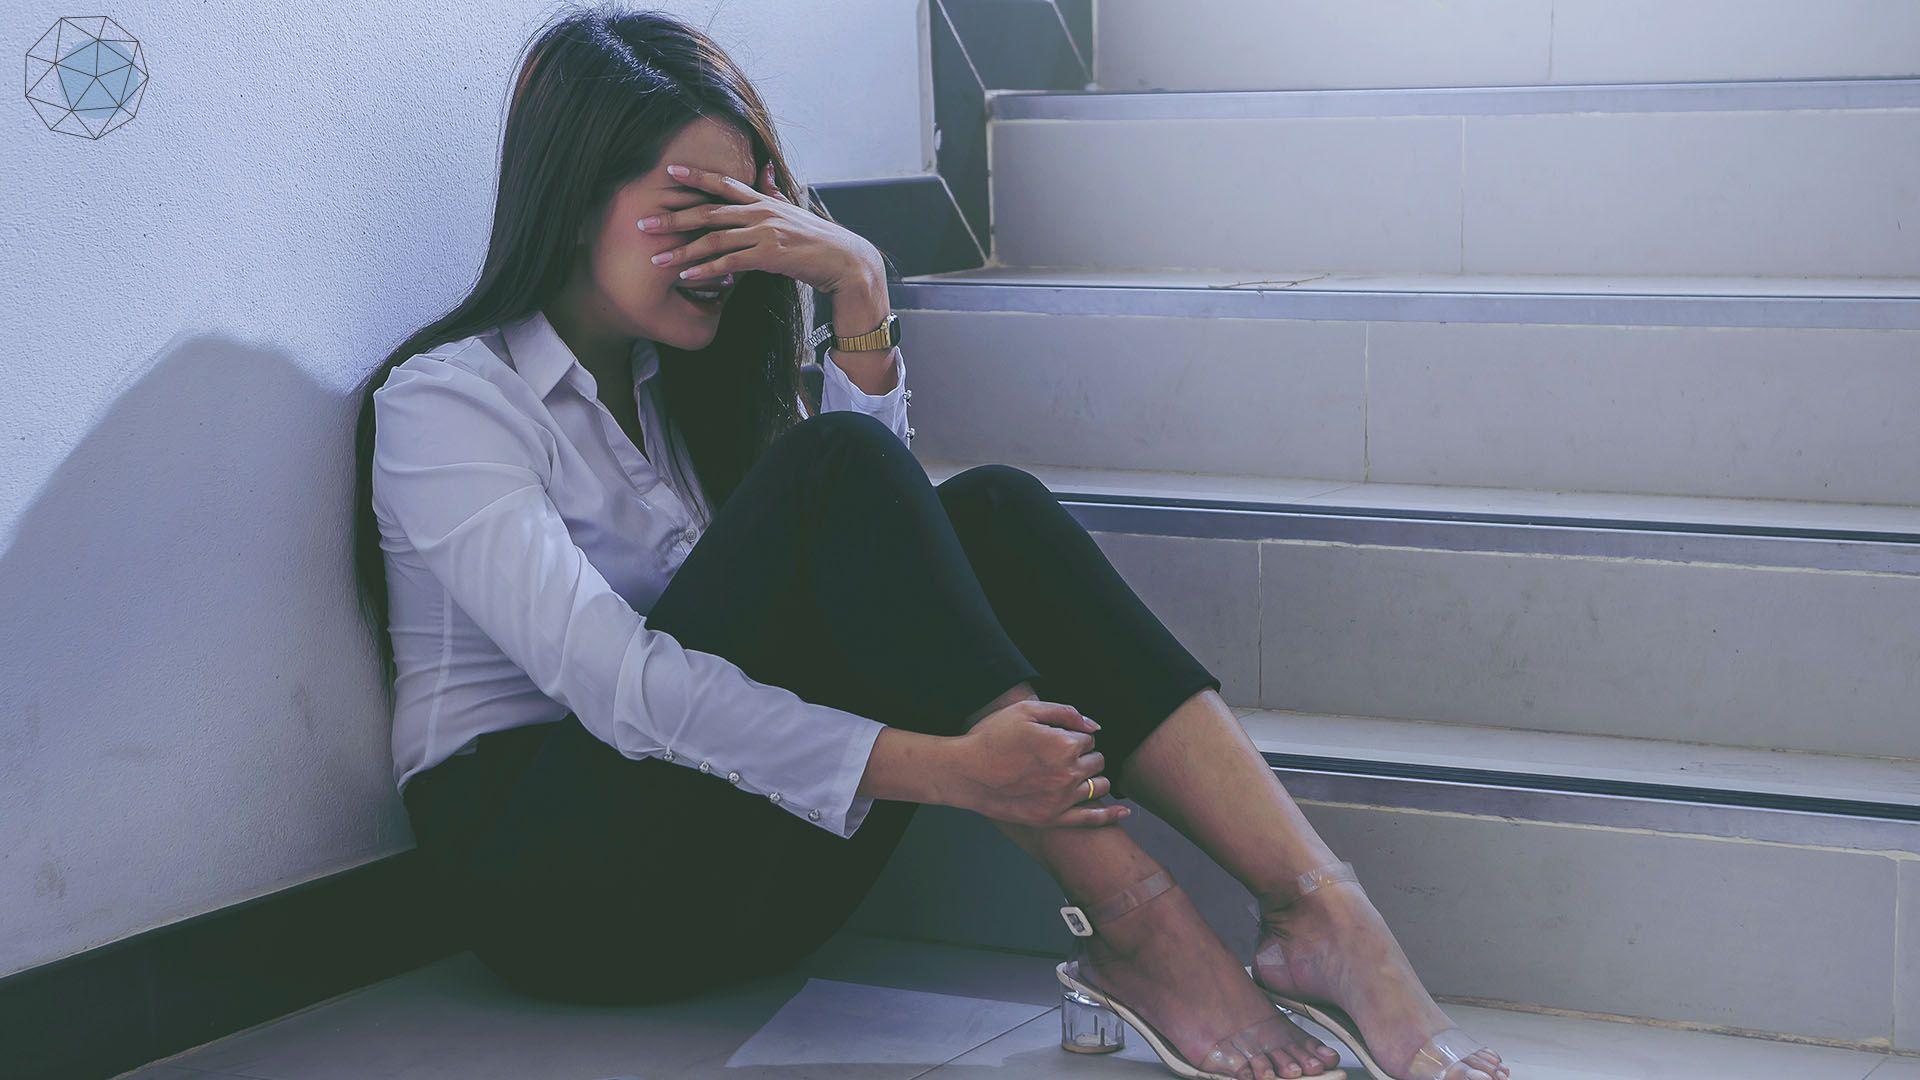 """""""เครียดงานจนร้องไห้ ไม่อยากไปทำงาน"""" จัดการด้วย 5 วิธีนี้"""